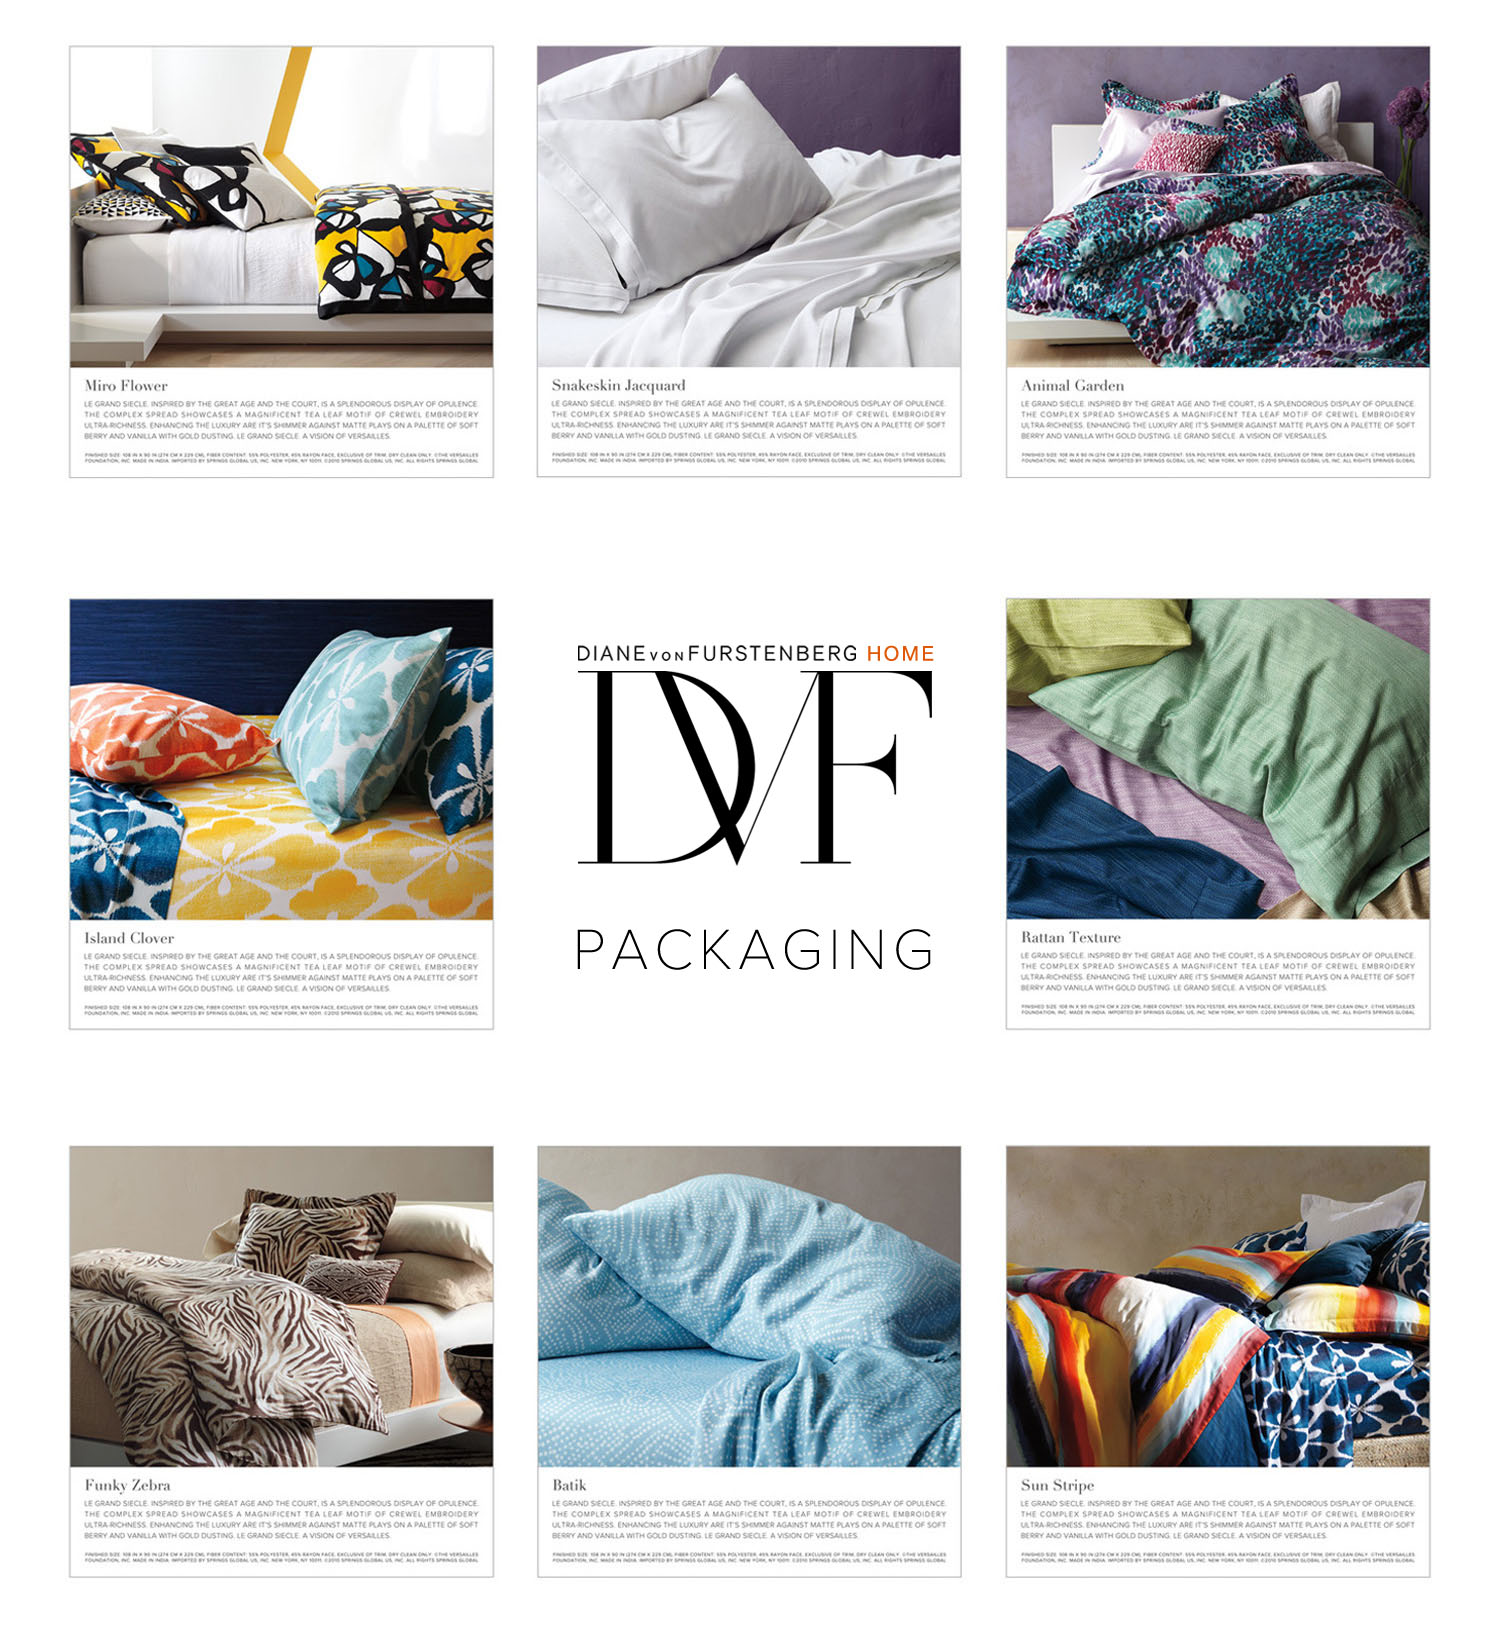 dvf_packaging_grid.jpg